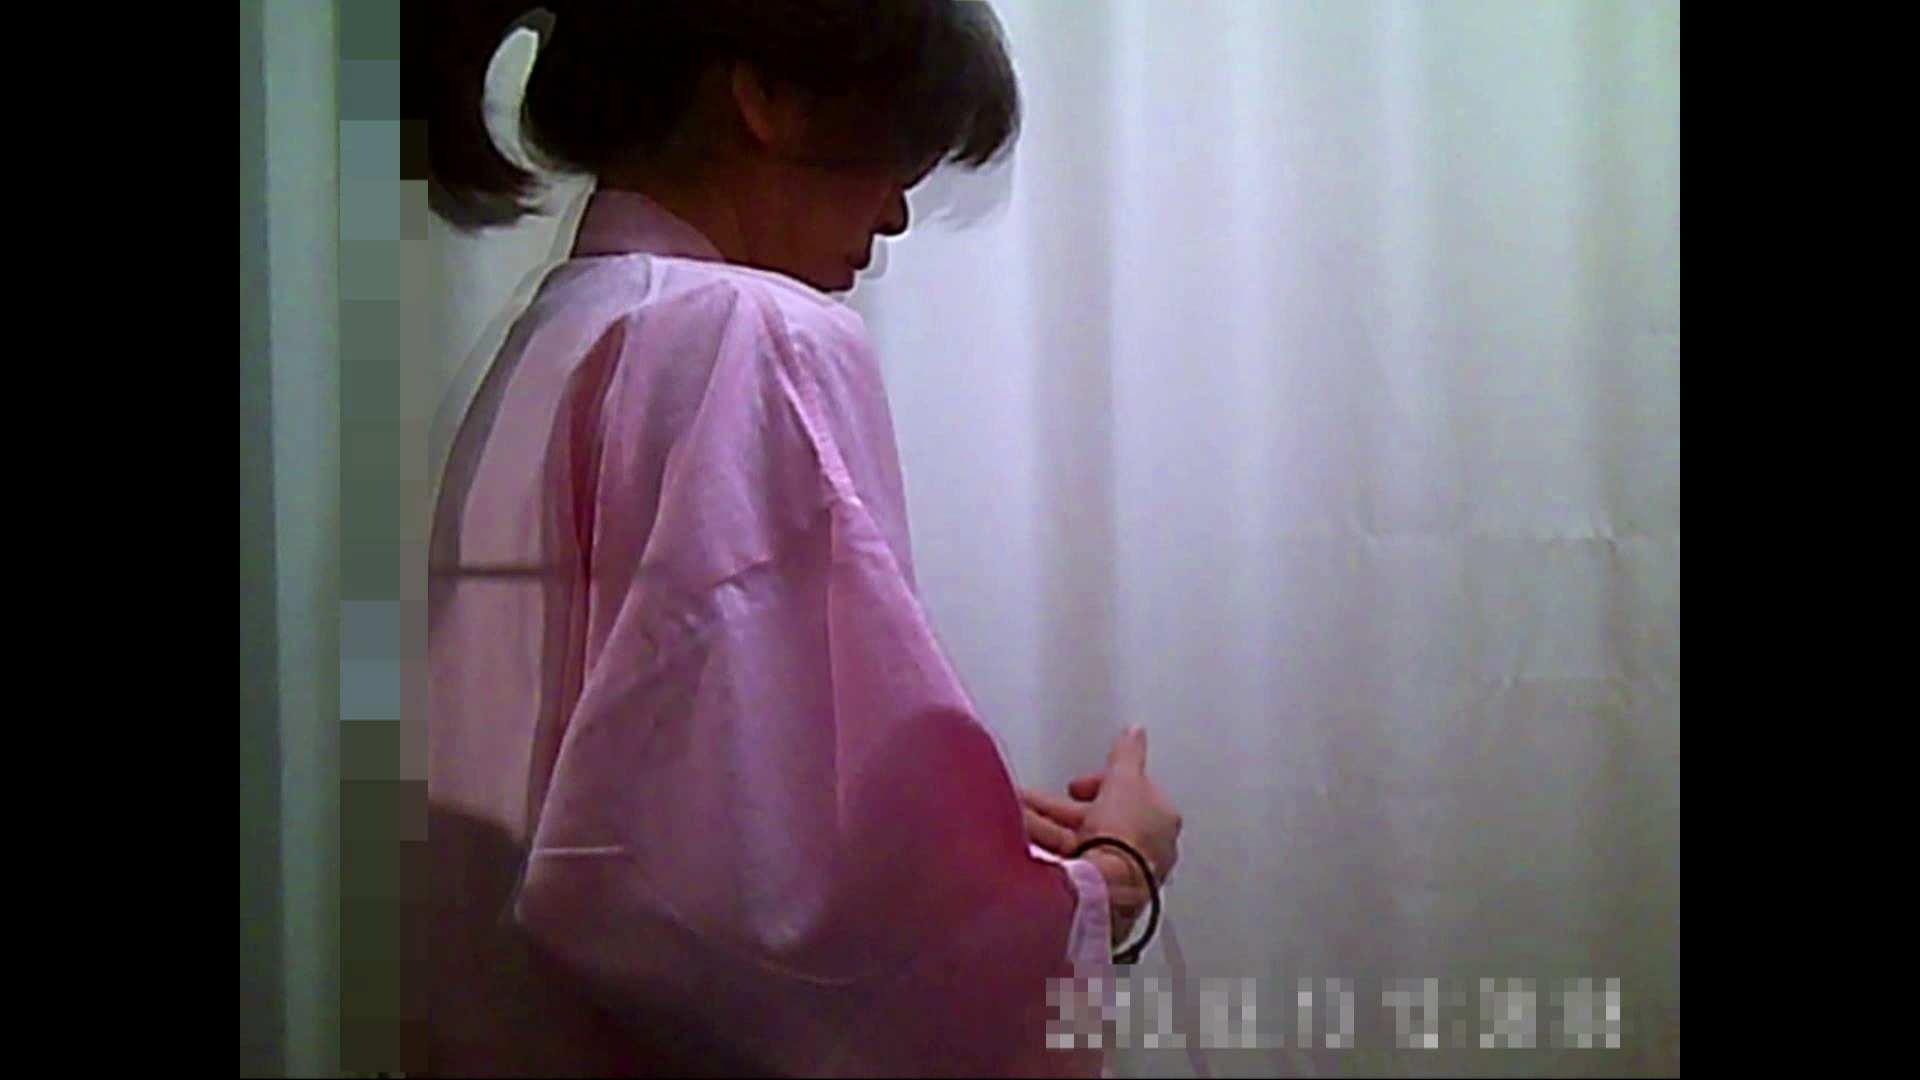 元医者による反抗 更衣室地獄絵巻 vol.098 OL  106pic 91